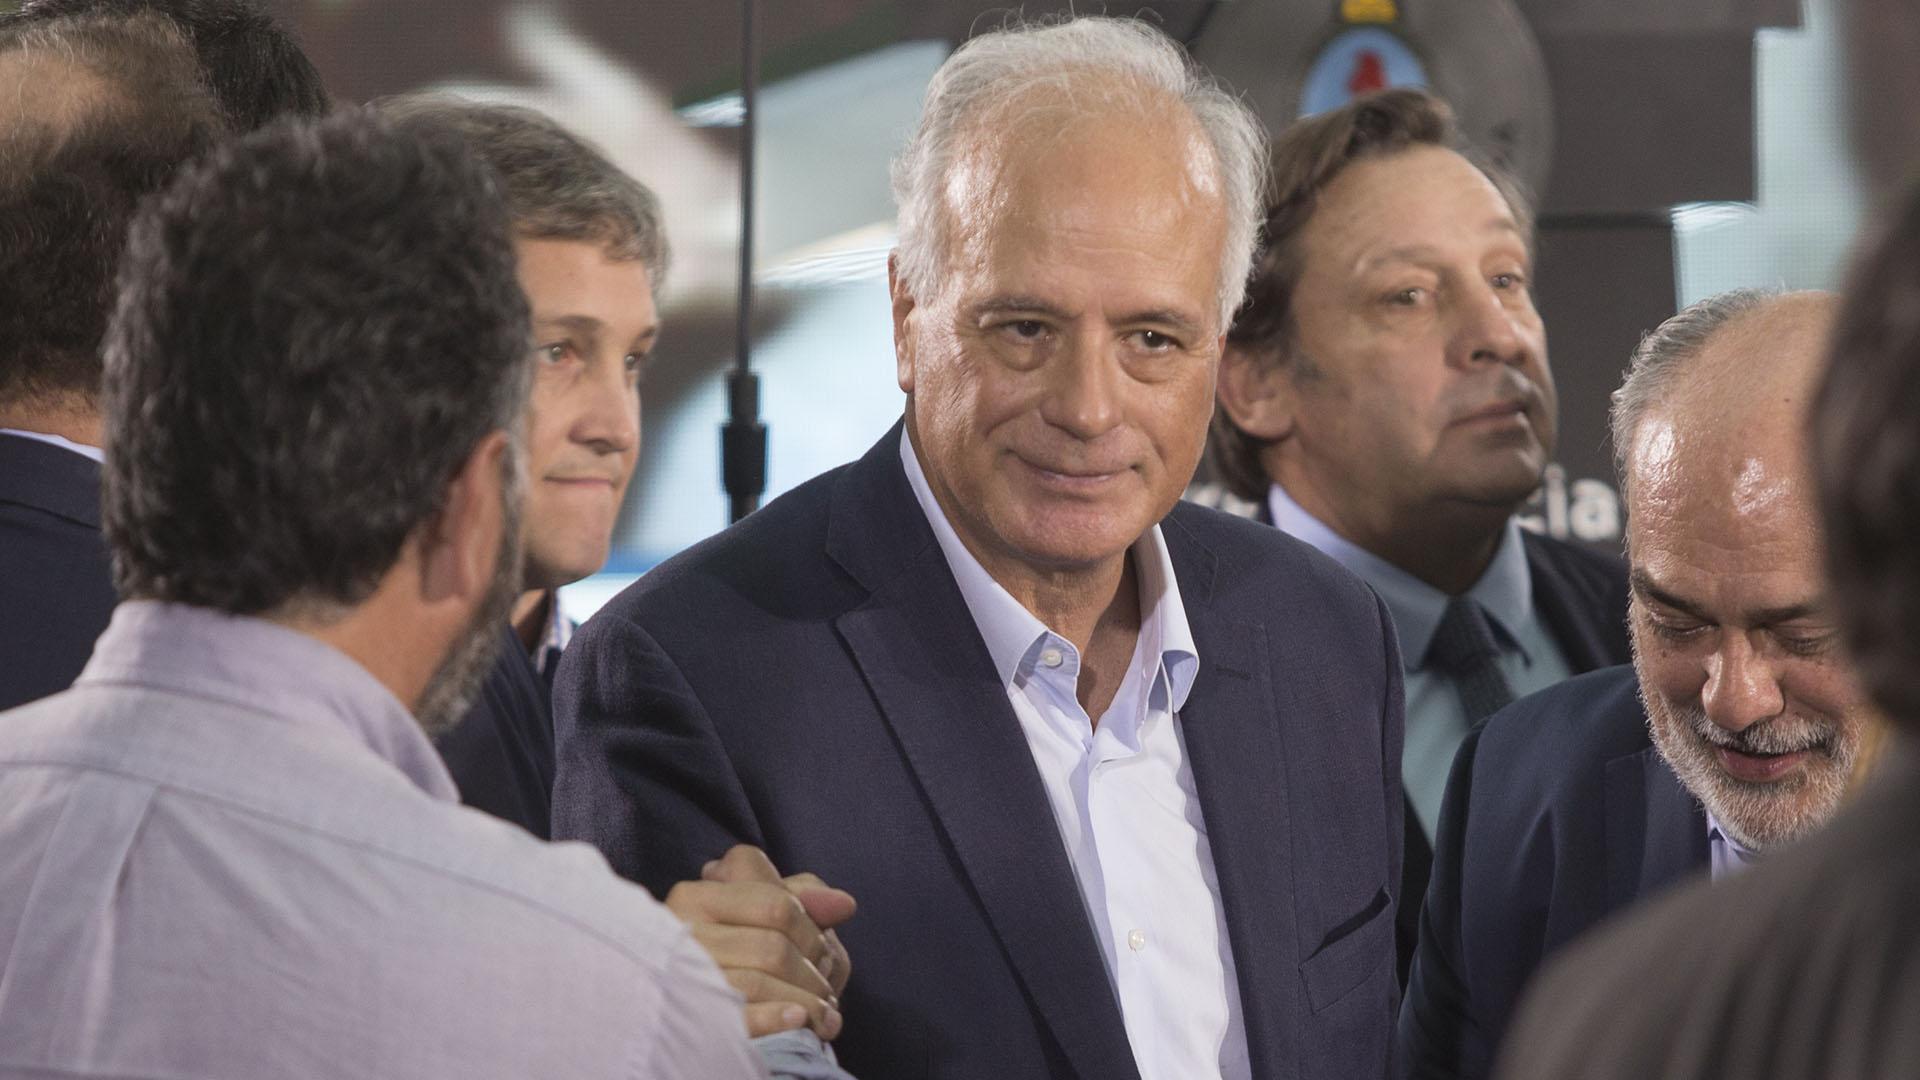 El dirigente radical Enrique Nosigliajunto a los funcionarios Fernando De Andreis y José Torello